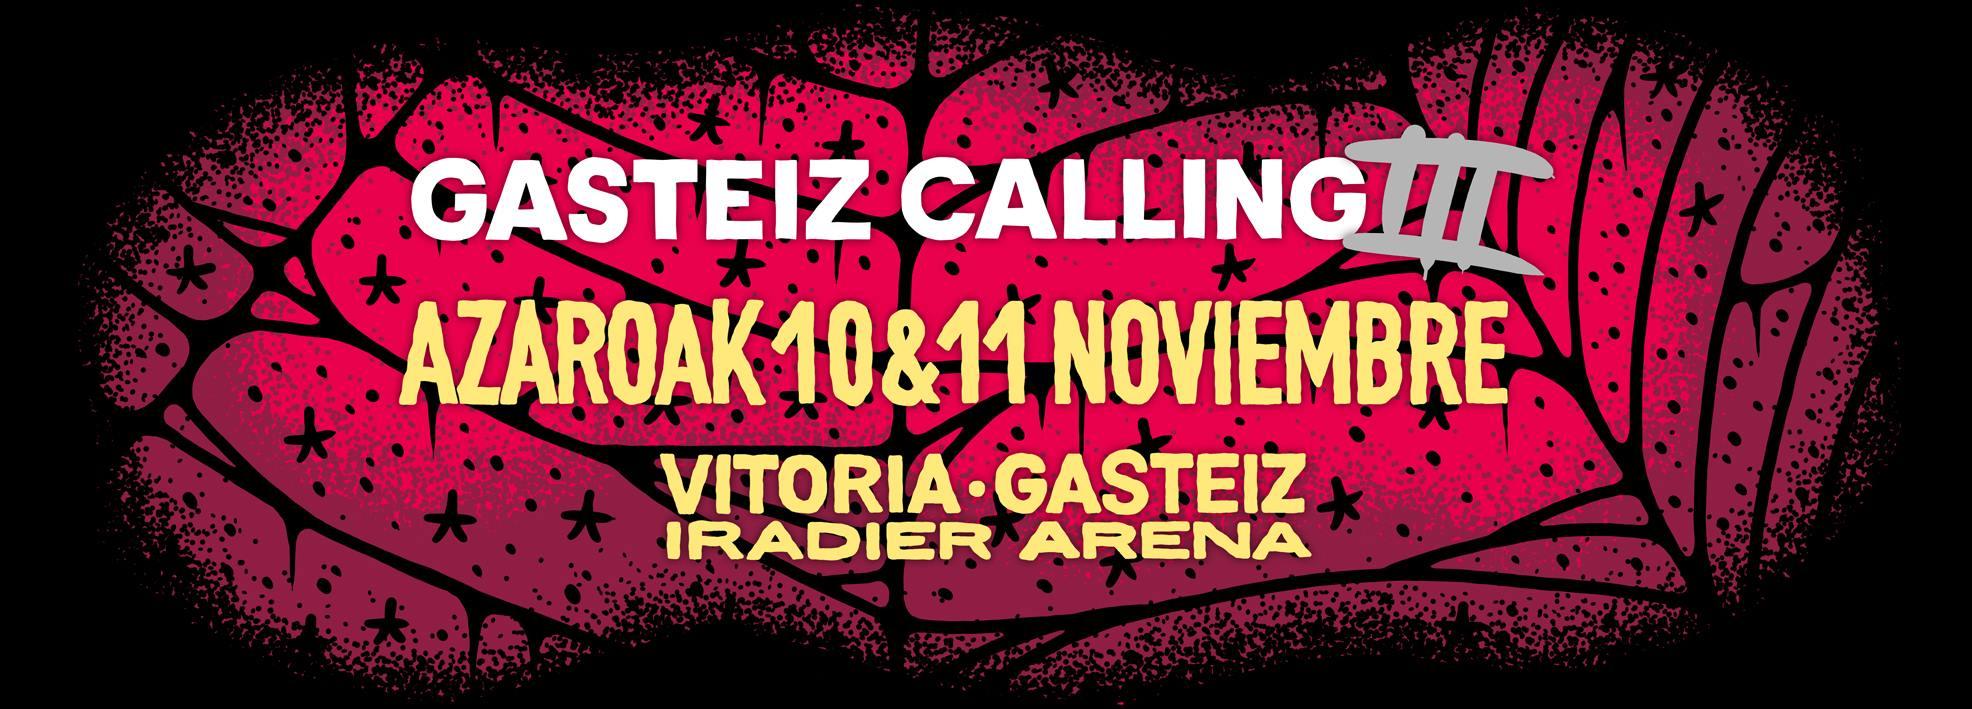 Ya esta aqui el GASTEIZ CALLING 2017… !!